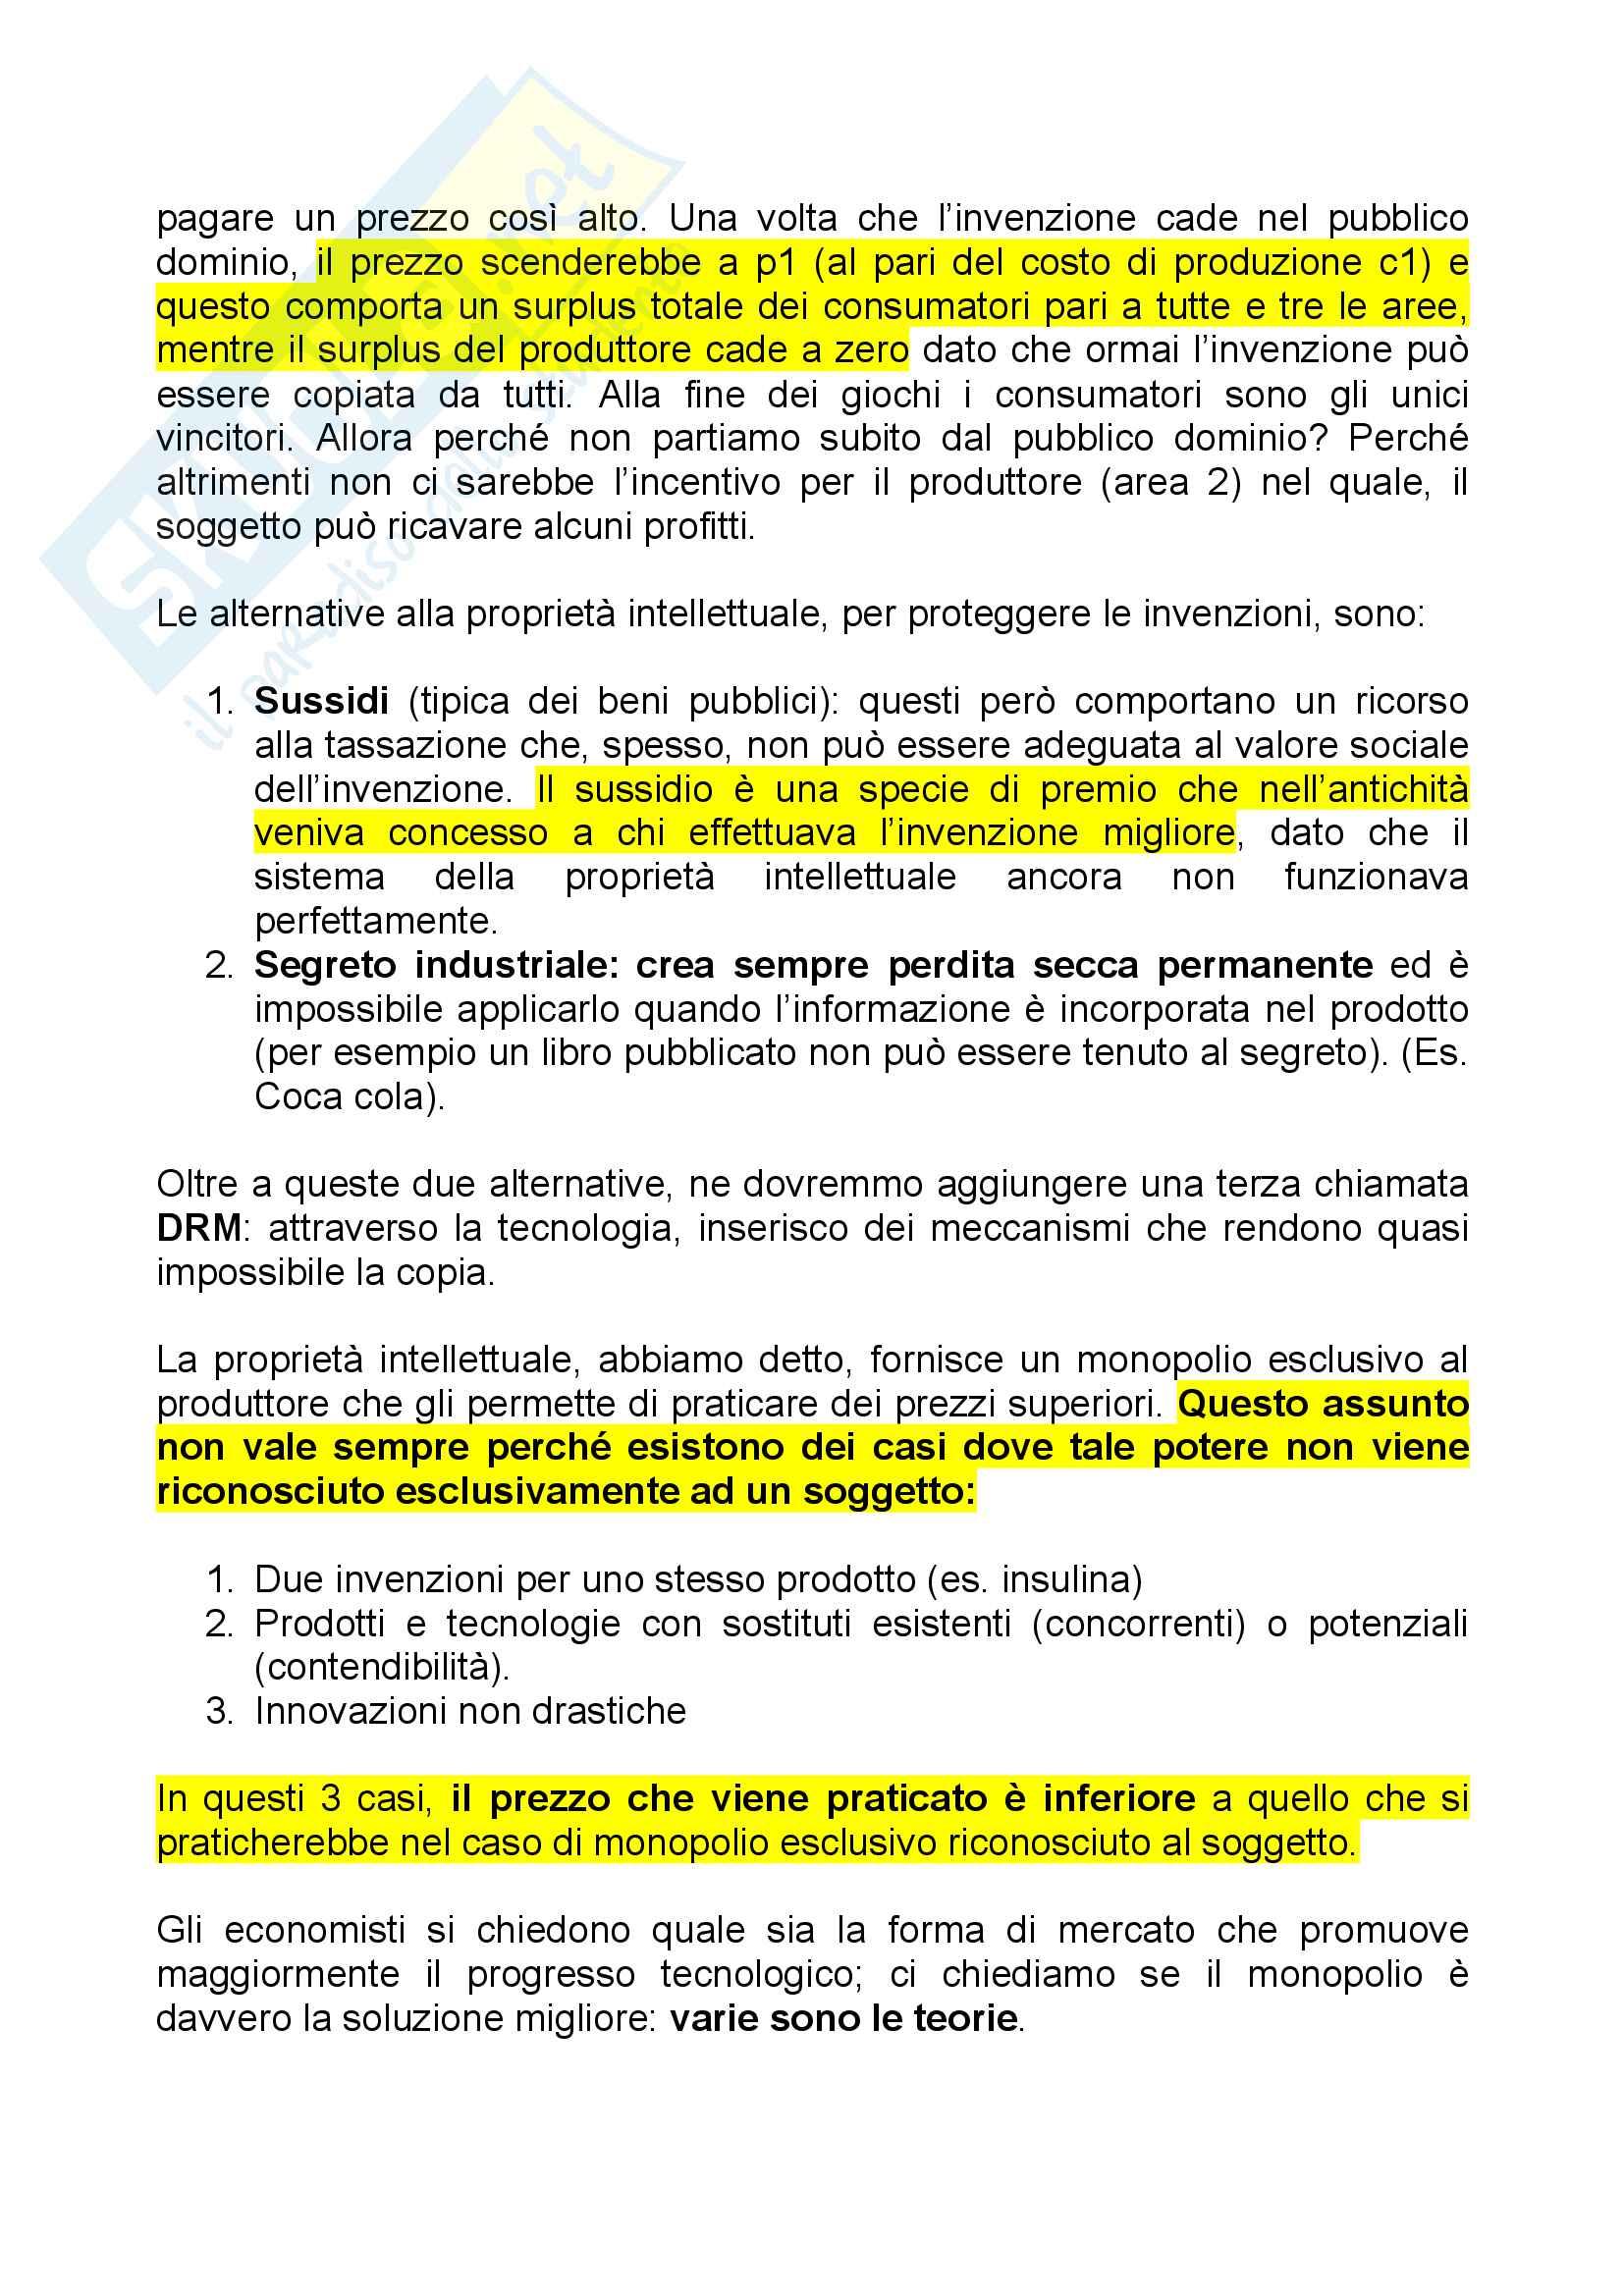 Economia dell'informazione Pag. 11